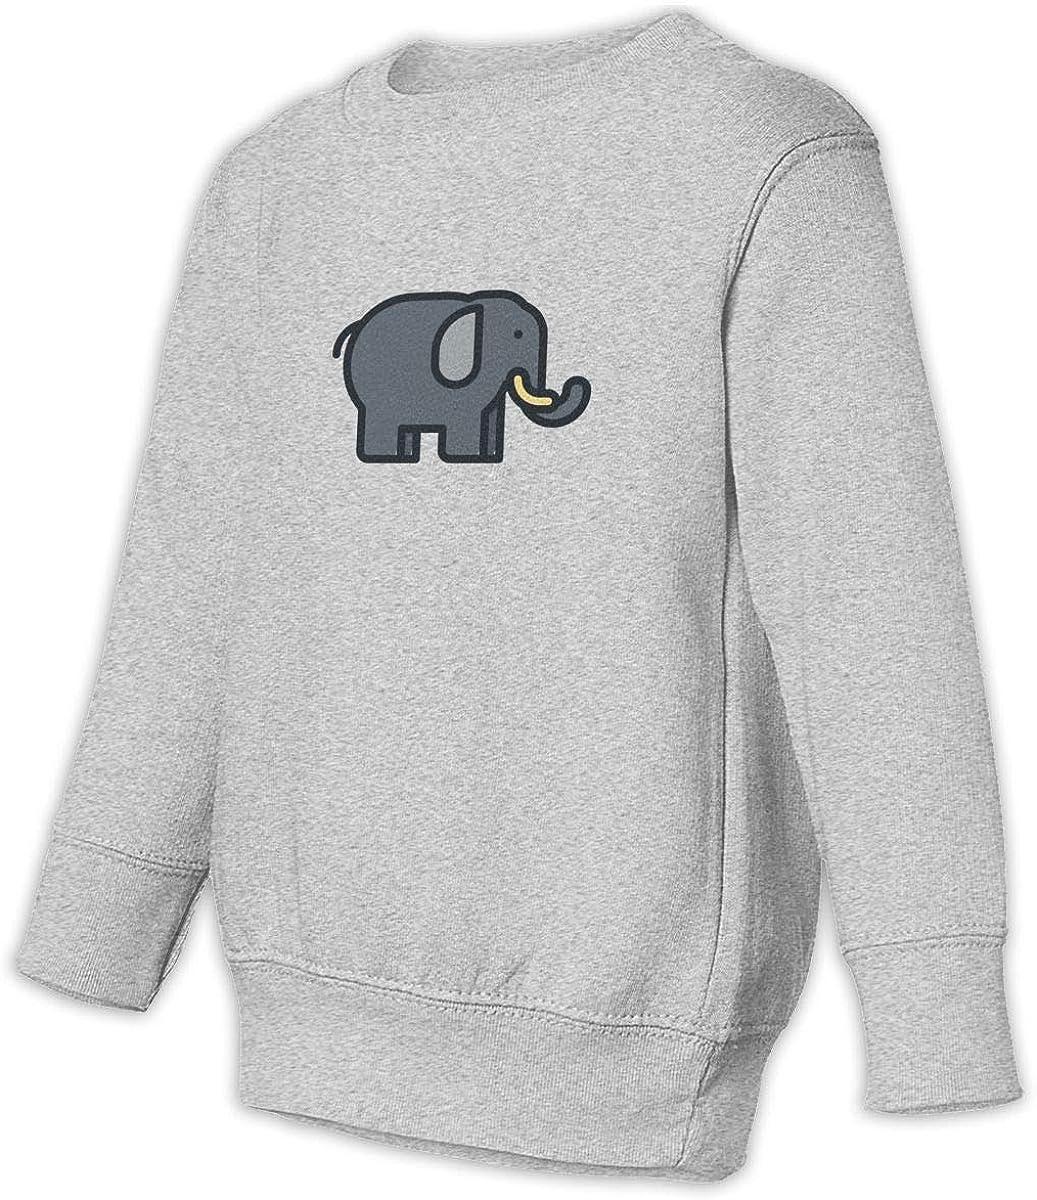 Fleece Pull Over Sweatshirt for Boys Girls Kids Youth Elephant Unisex Toddler Hoodies